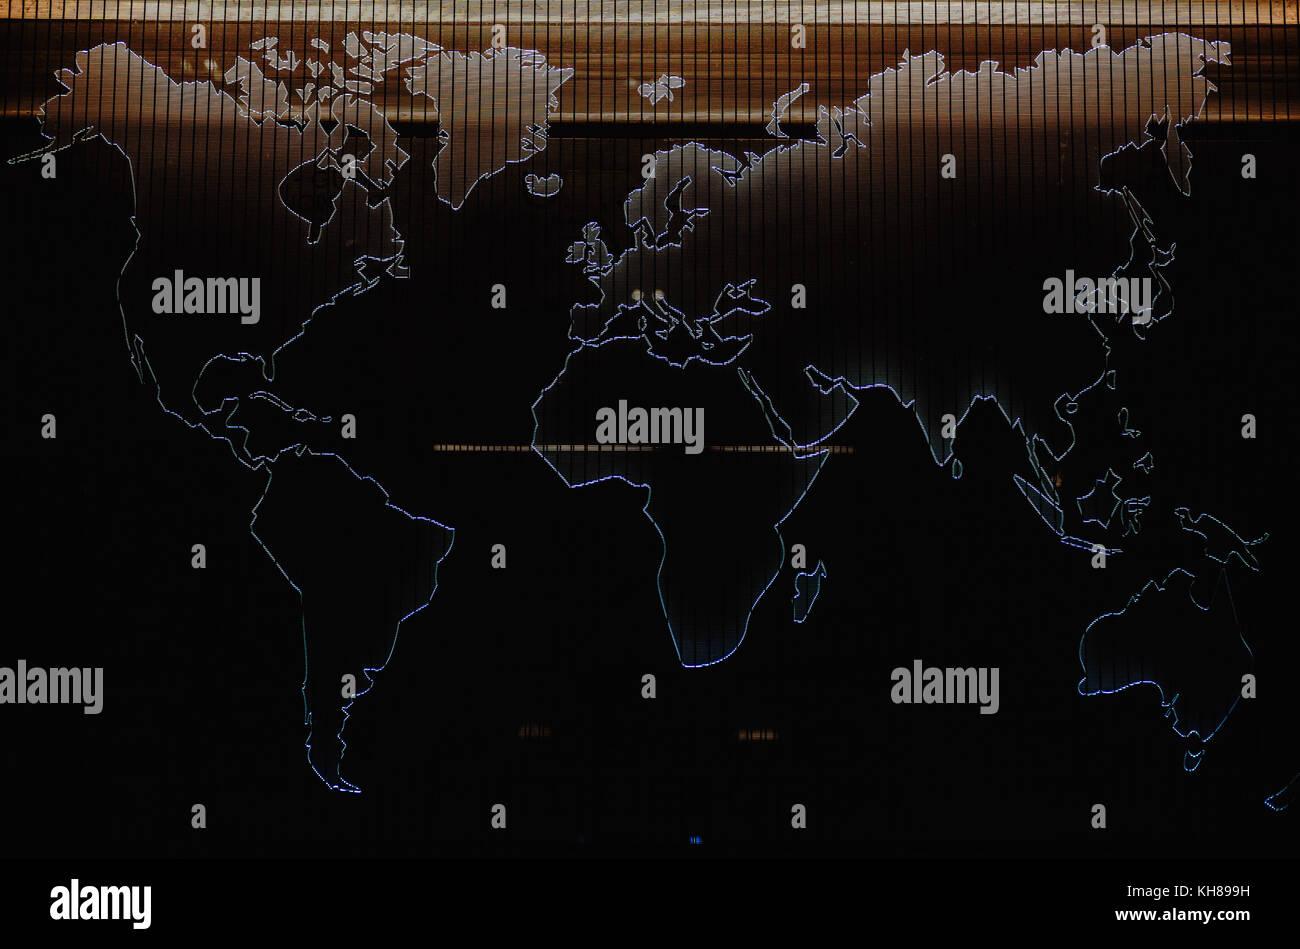 Mapa del mundo, puso de relieve las formas con la luz, la decoración de la pared. Imagen De Stock